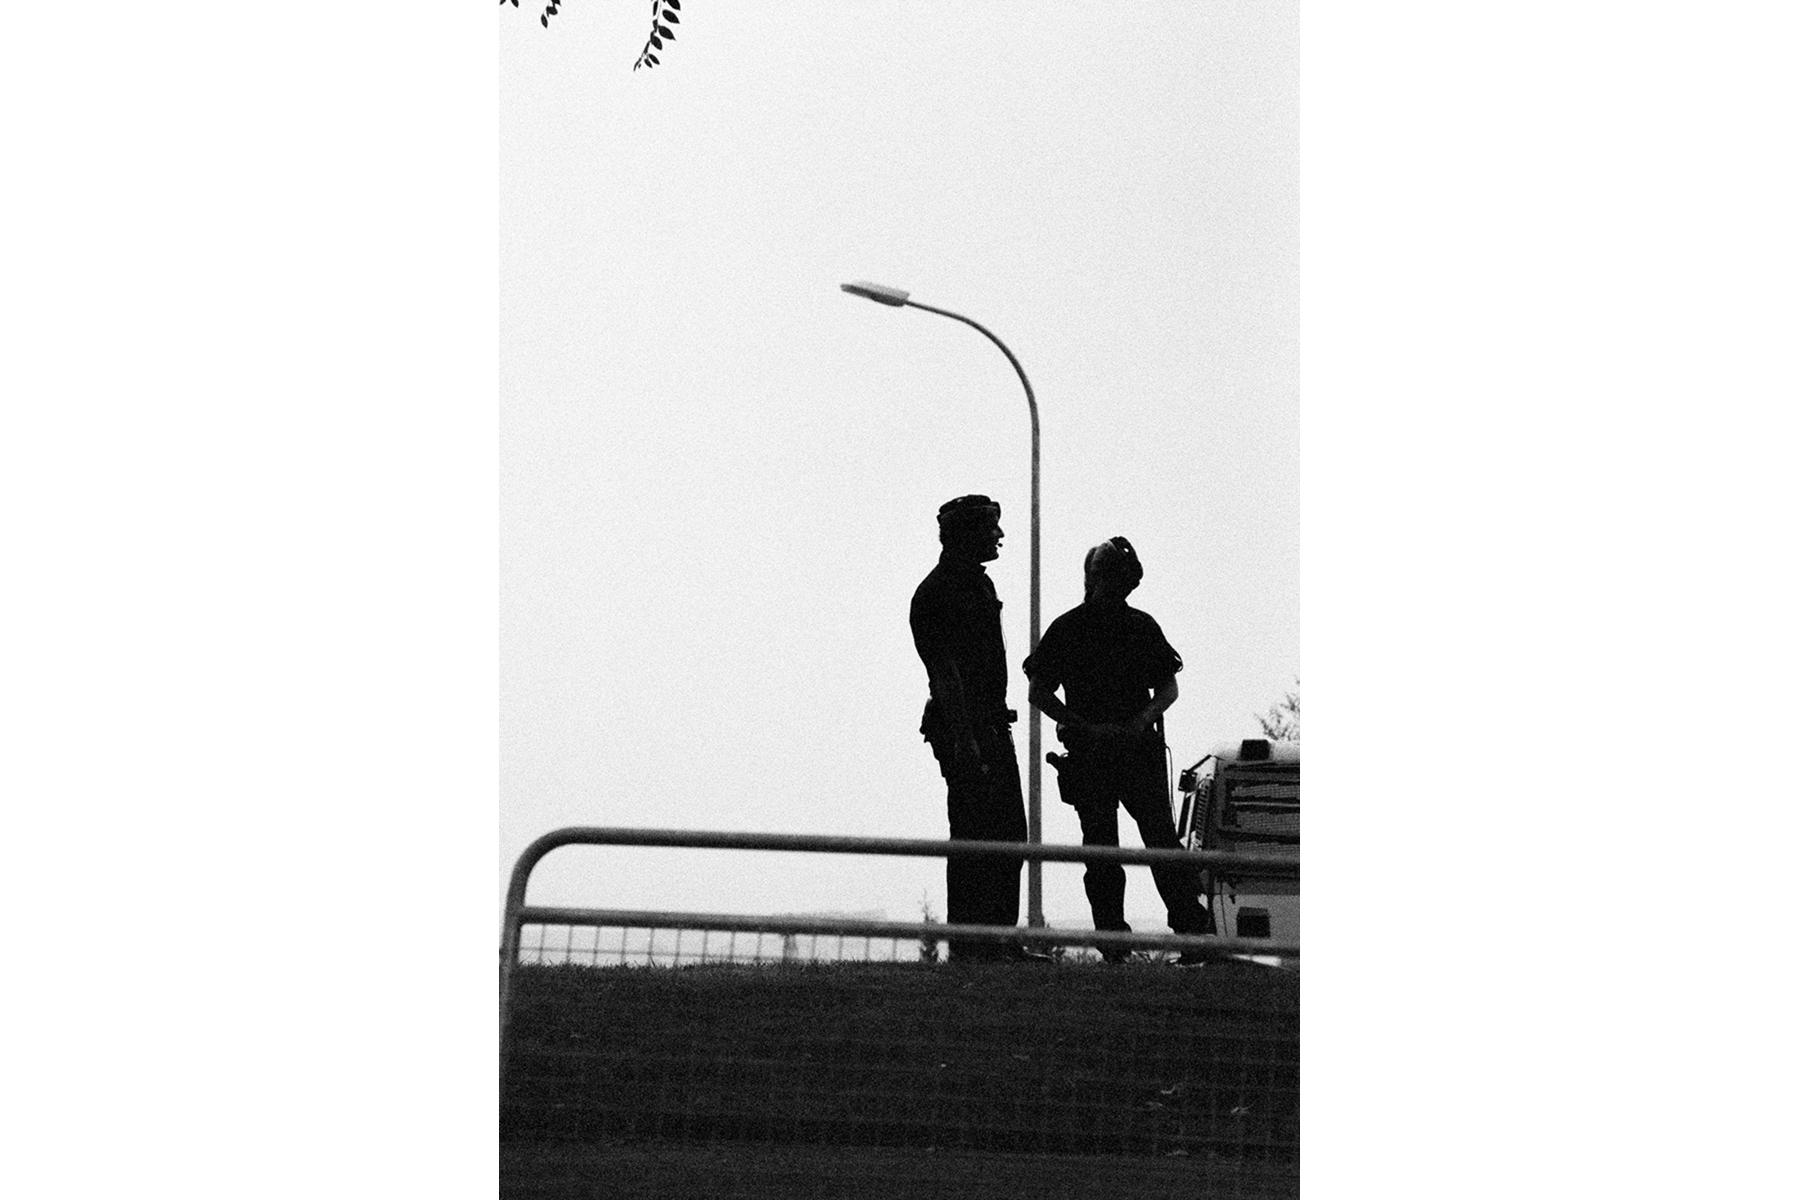 Le Tour de France 2009 This is the third time that the Tour de France has come to Barcelona, following 1957 and 1965. C'est la troisième fois dans l'histoire que le Tour vient visiter Barcelone après ceux de 1957 et 1965. Nach 1957 und 1965 ist dies das dritte Mal, dass die Tour de France nach Barcelona führt. Esta es la tercera vez en la historia que la ronda gala visita Barcelona, tras las de 1957 y 1965.